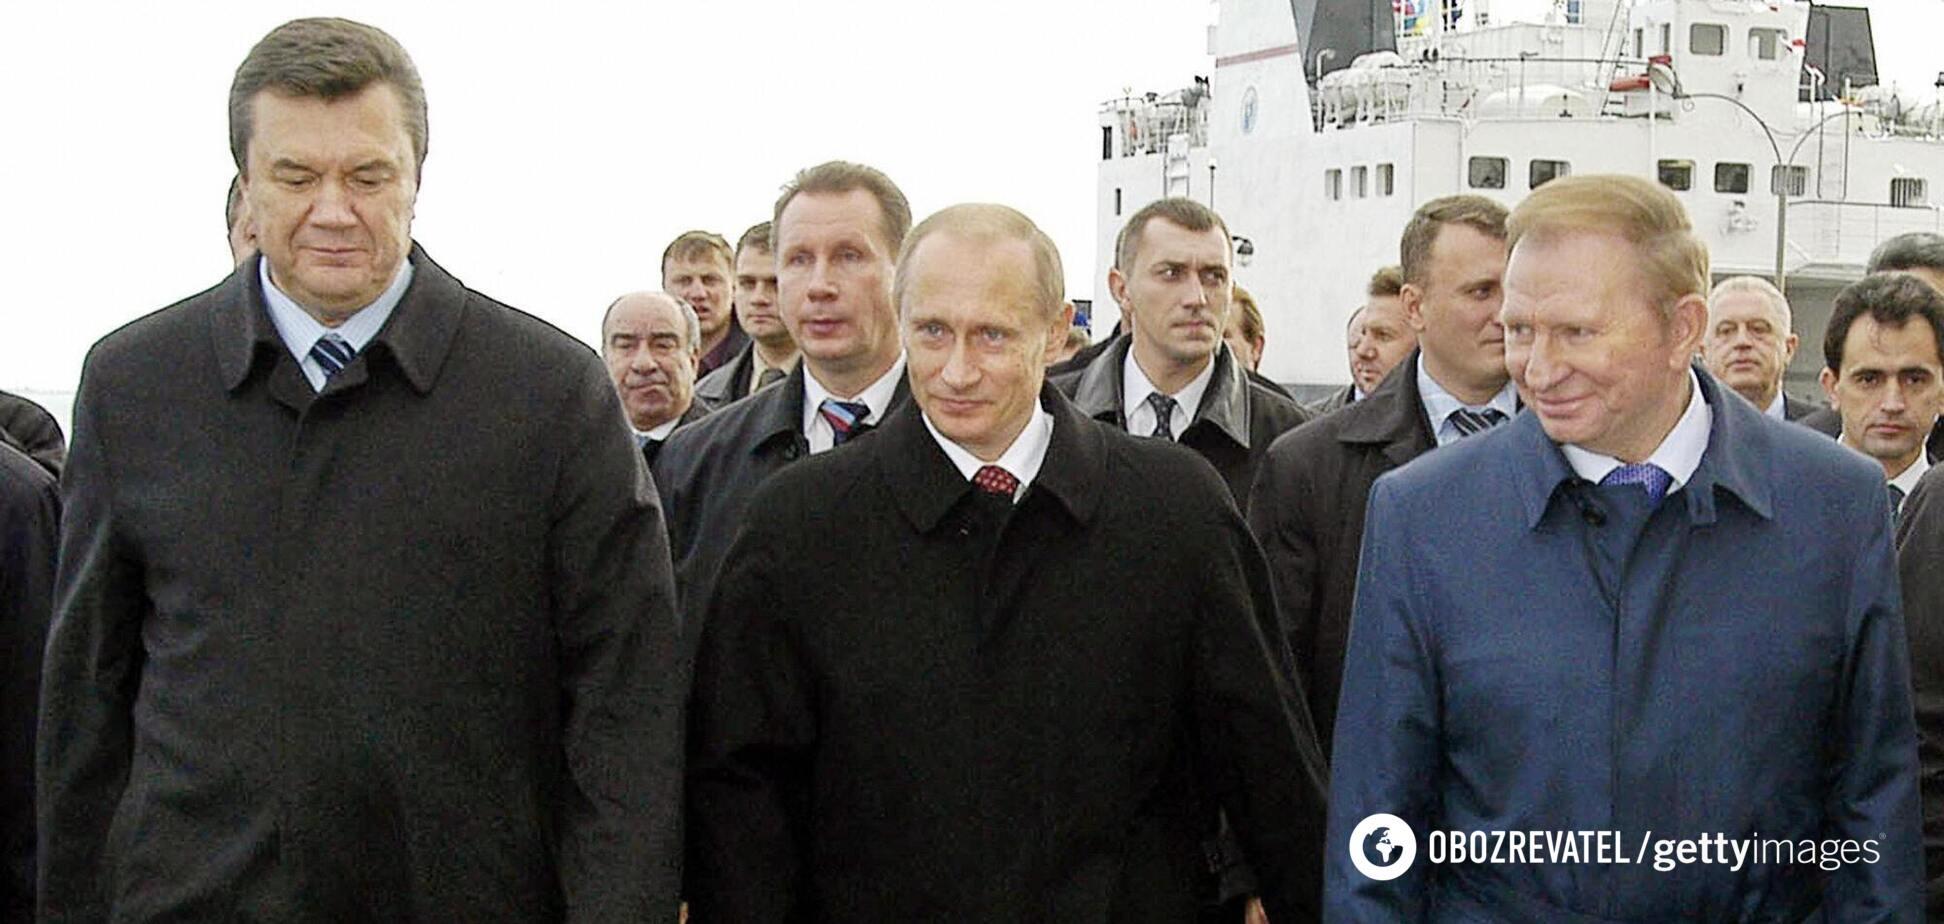 Зеленський покликав Путіна на Донбас: коли глава РФ востаннє був в Україні. Фото